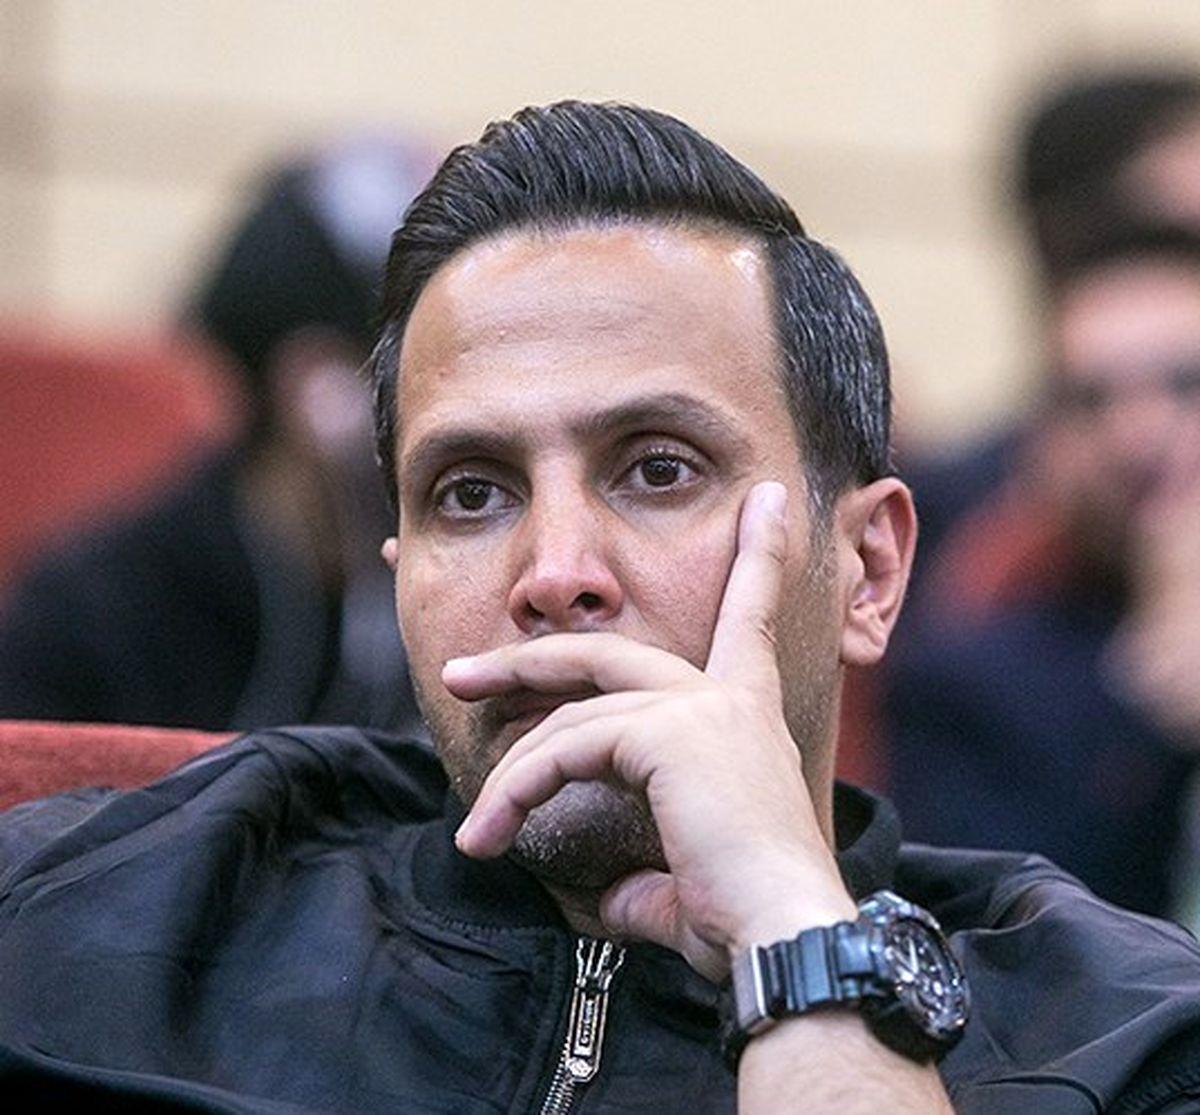 بیوگرافی حامد کاویانپور فوتبالیست ایرانی + تصاویر